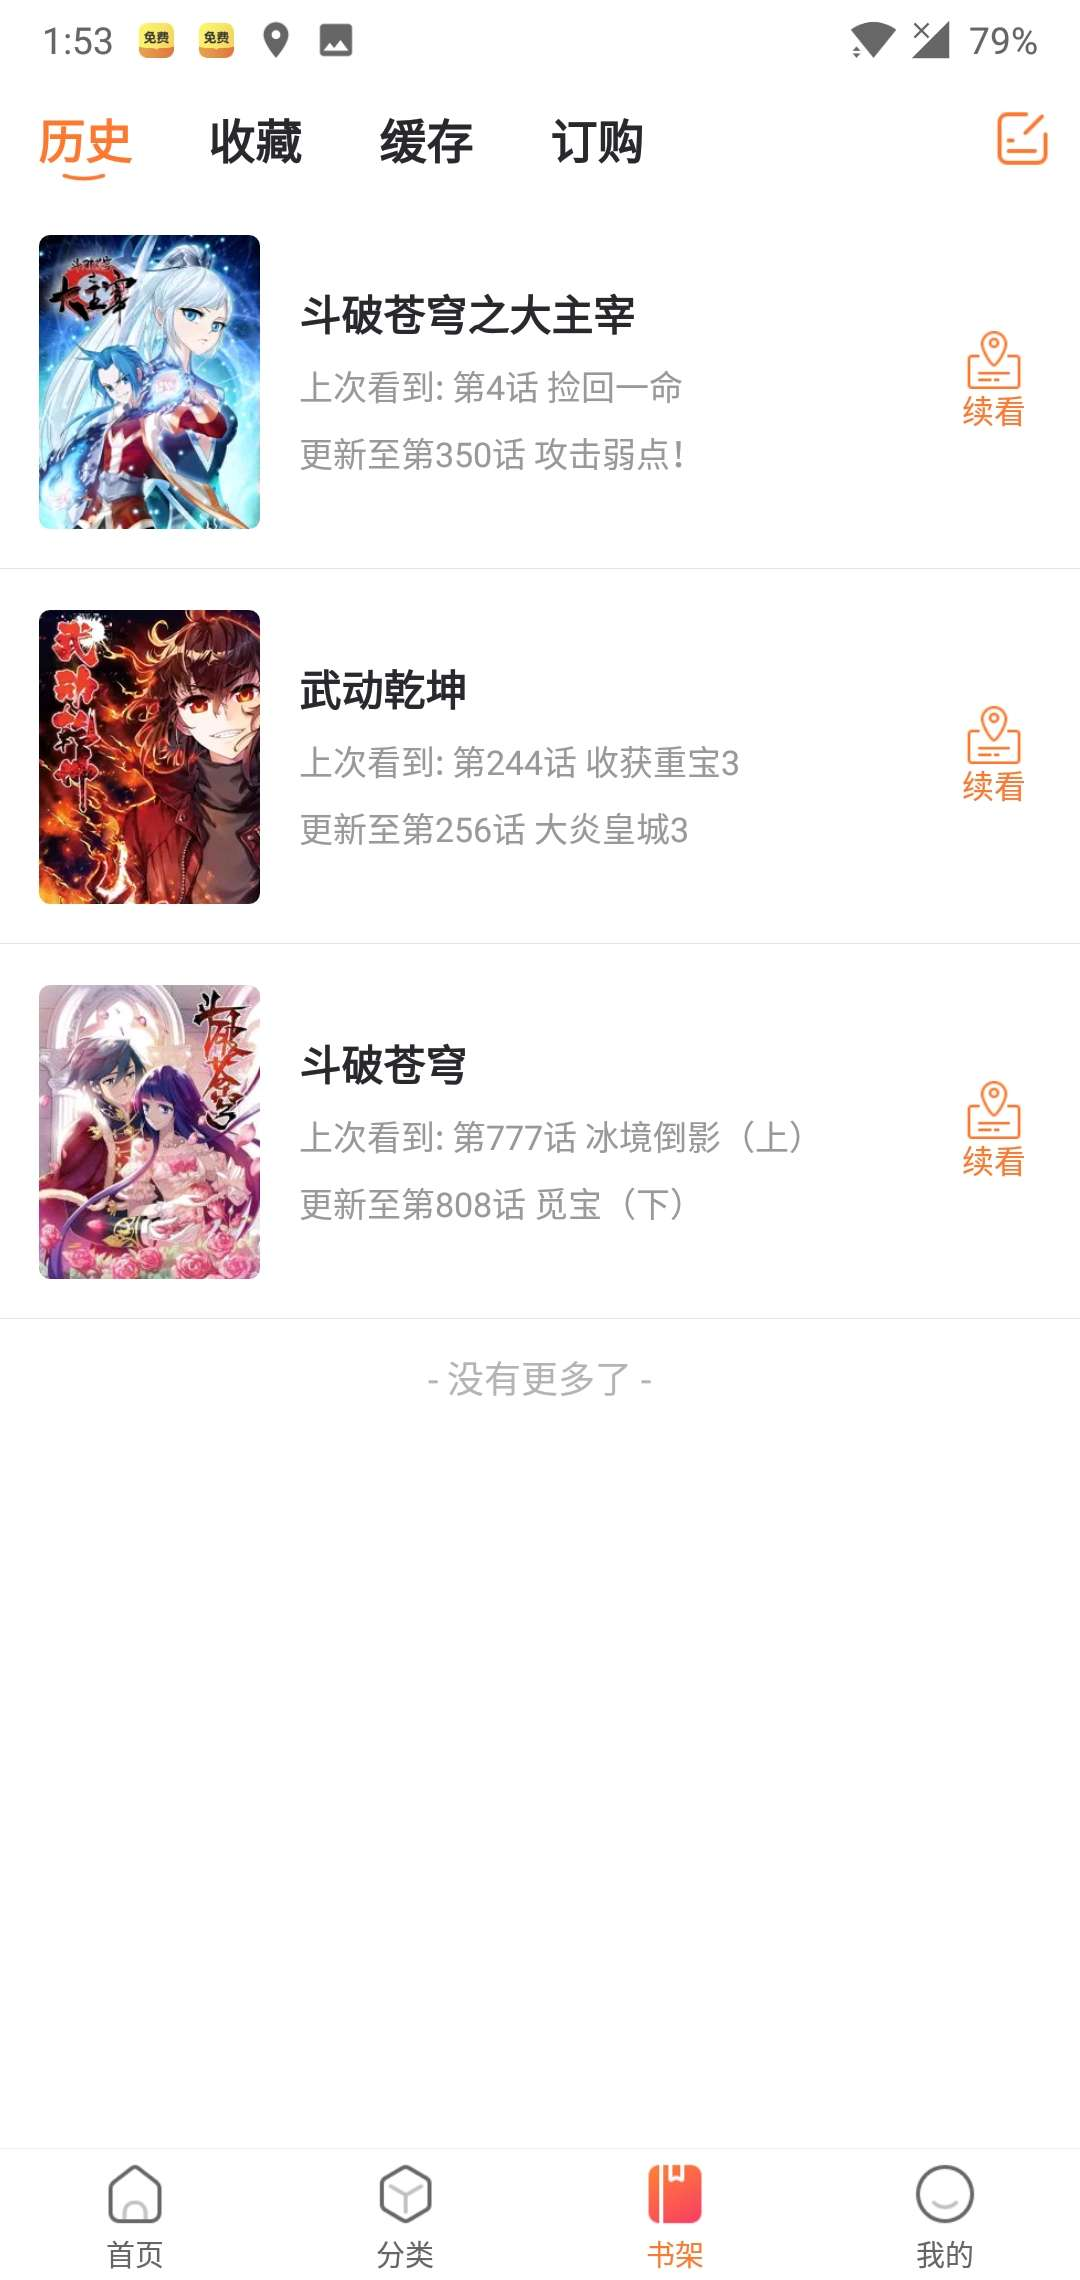 【原创修改】漫客栈v3.1.1最新会员破解版!-爱小助